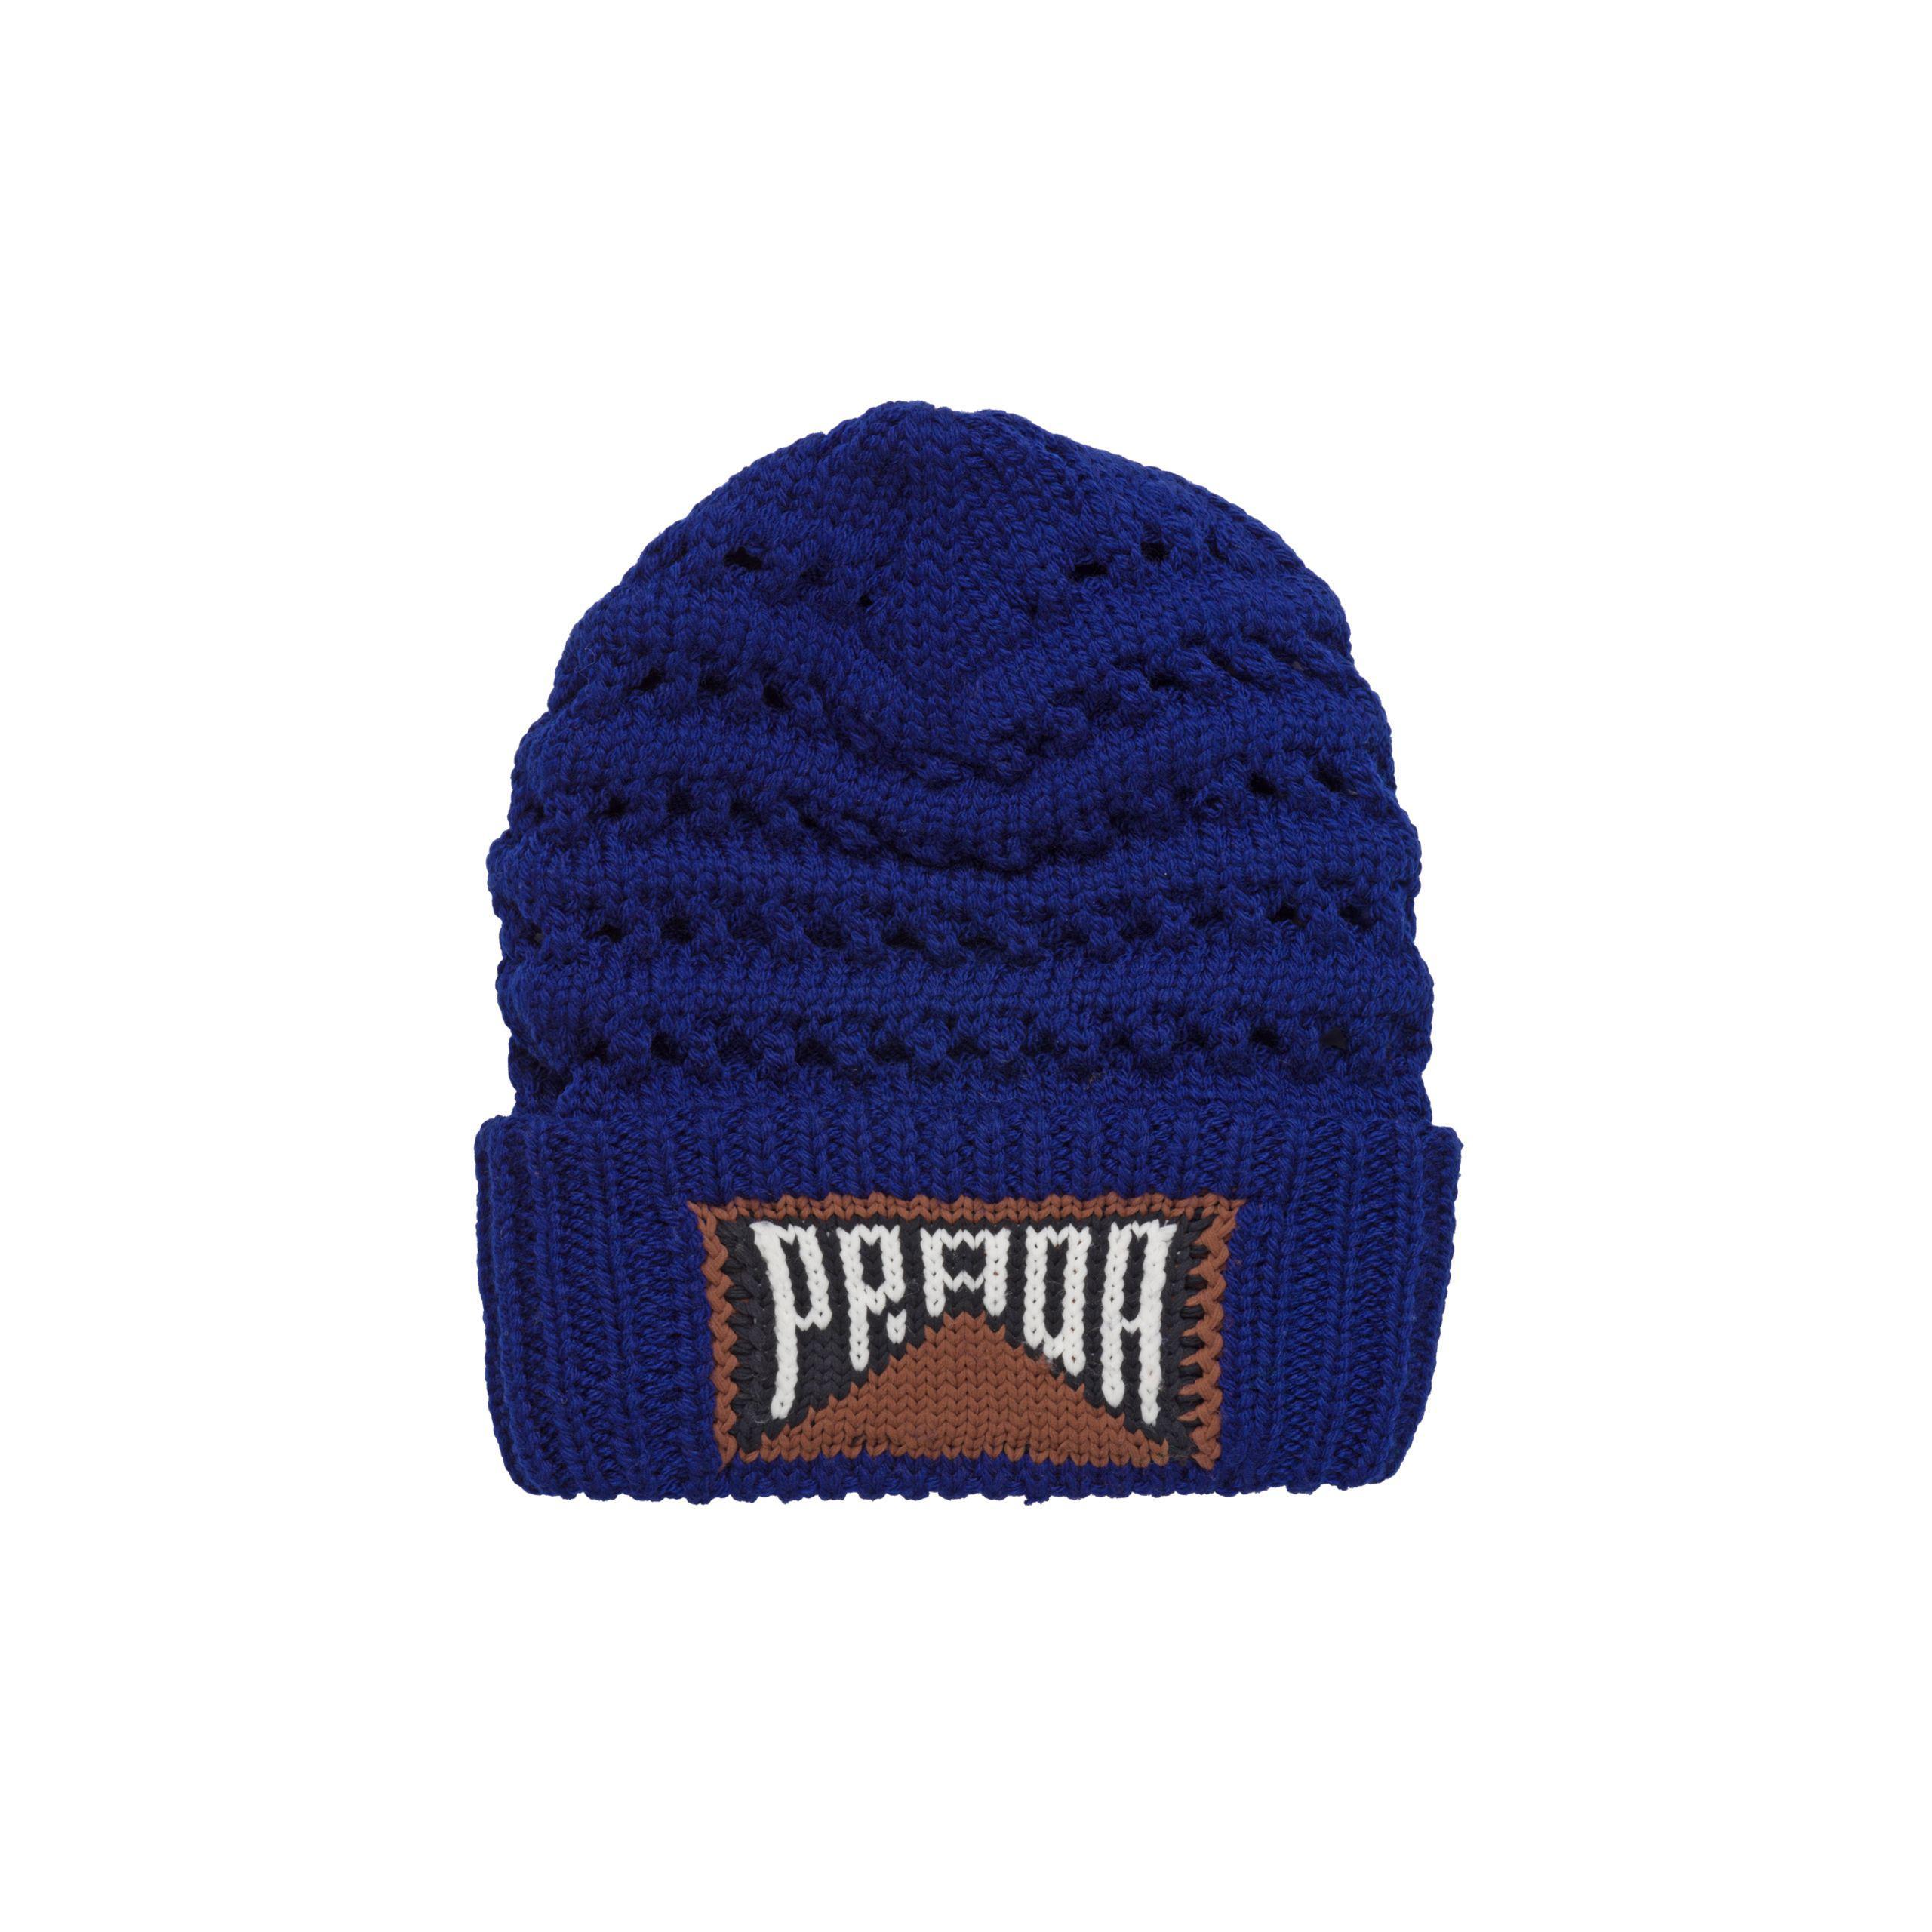 80e01f61ef4 Lyst - Prada Wool Beanie With Logo in Blue